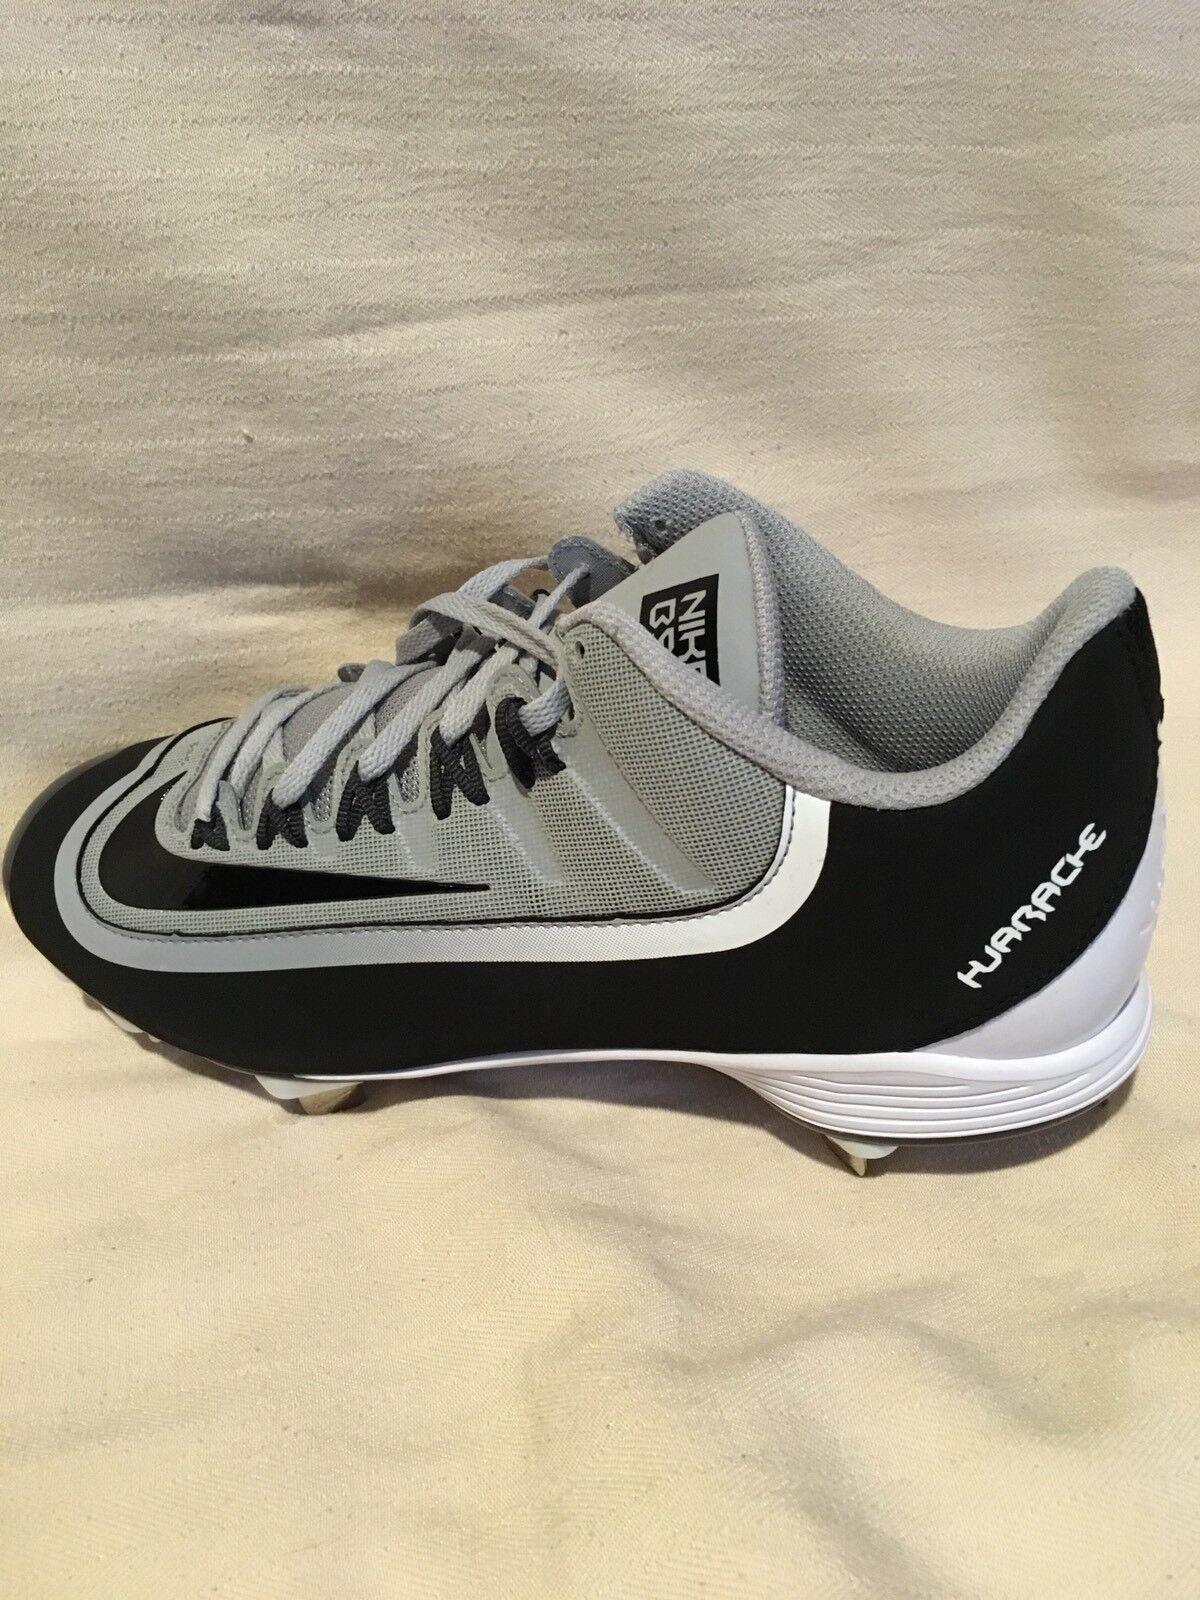 Nike zapatos de tacos de béisbol barato 2kfilth huarache hombres cómodo barato béisbol y hermoso moda d00214